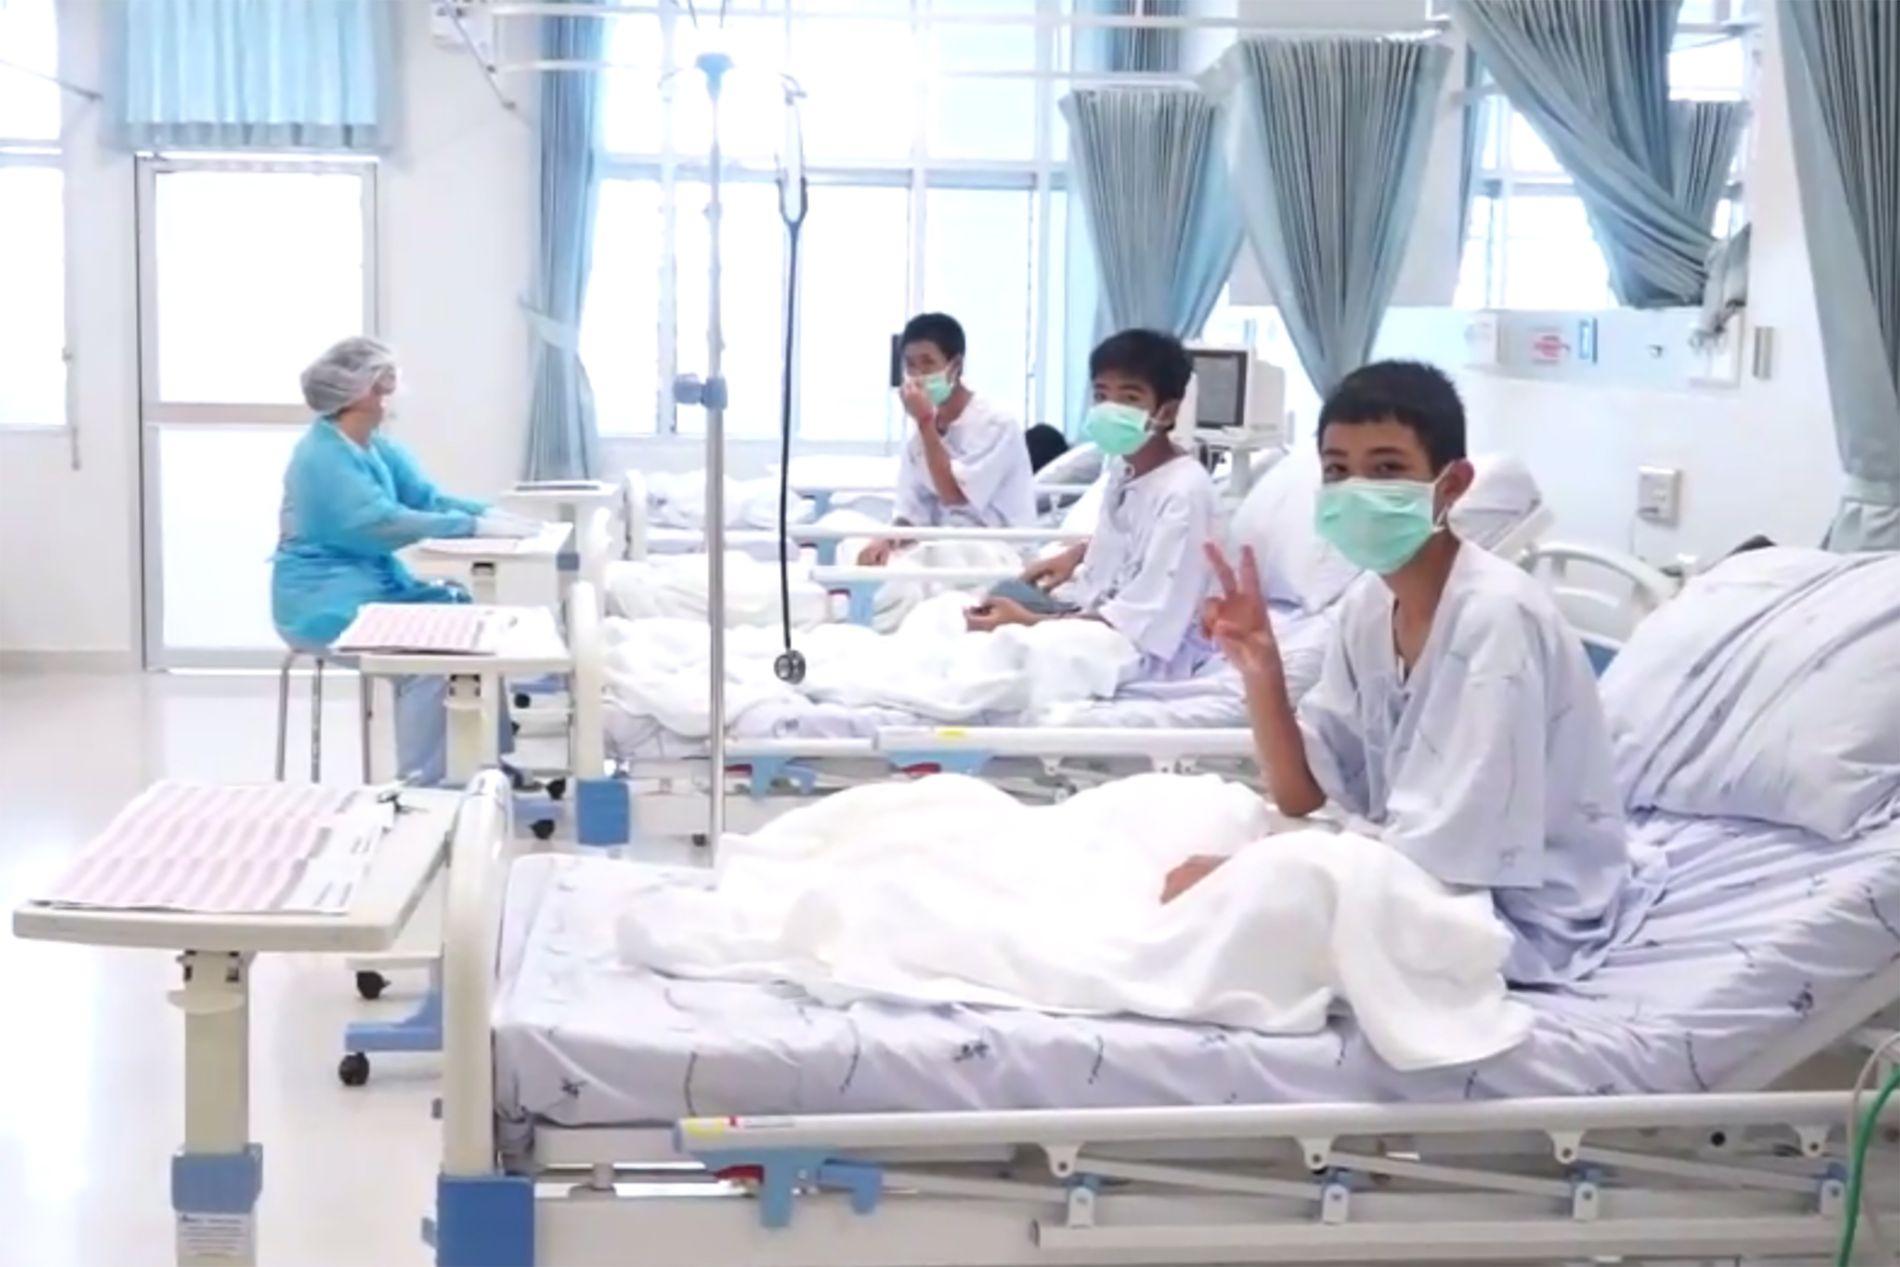 REDNINGSAKSJON: Guttene fra det thailandske fotballaget er på sykehuset fram til torsdag.